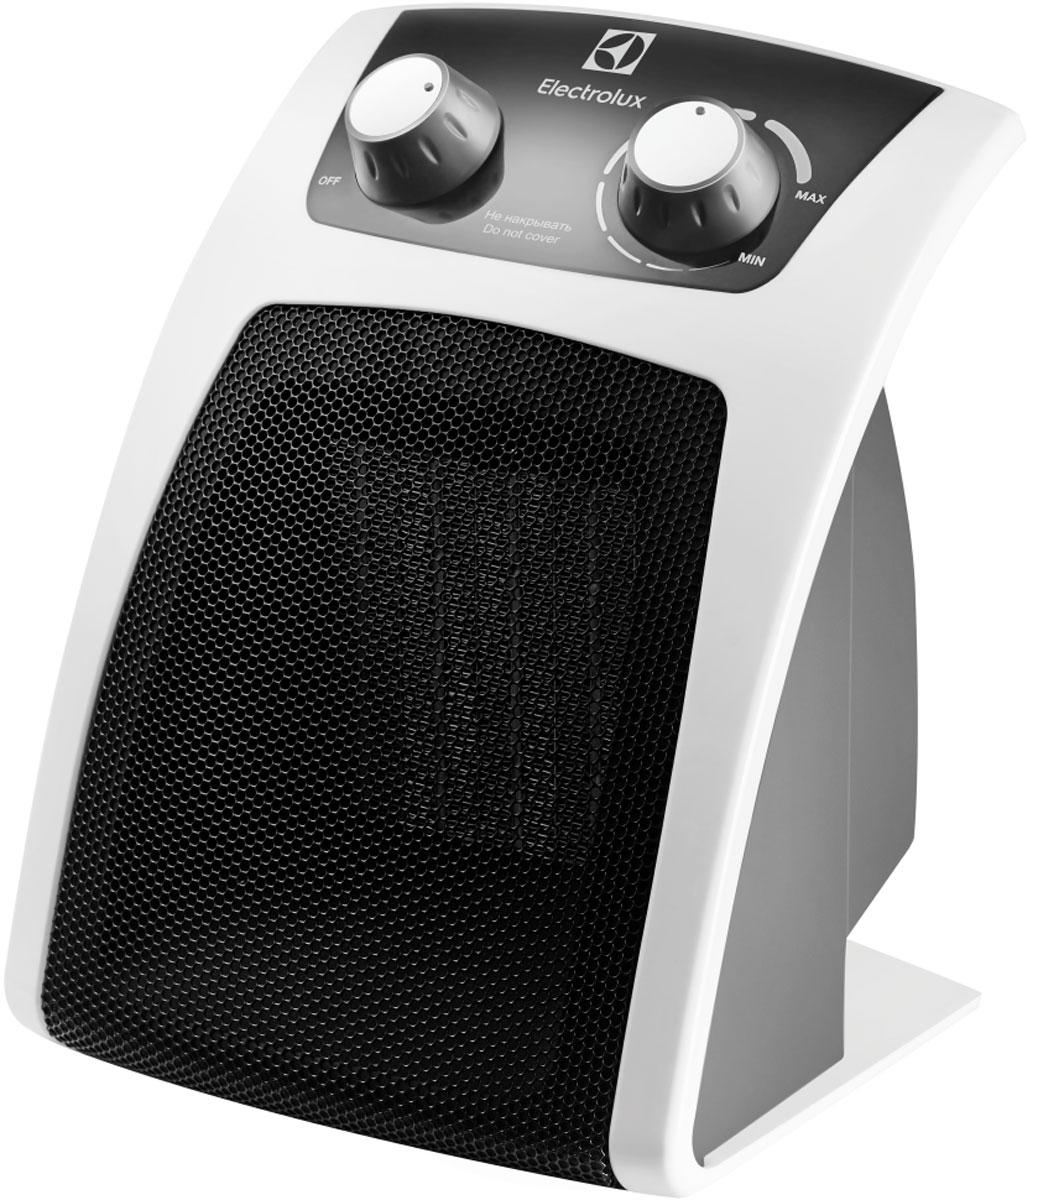 Electrolux EFH/C-5120, White Black тепловентилятор - Обогреватели